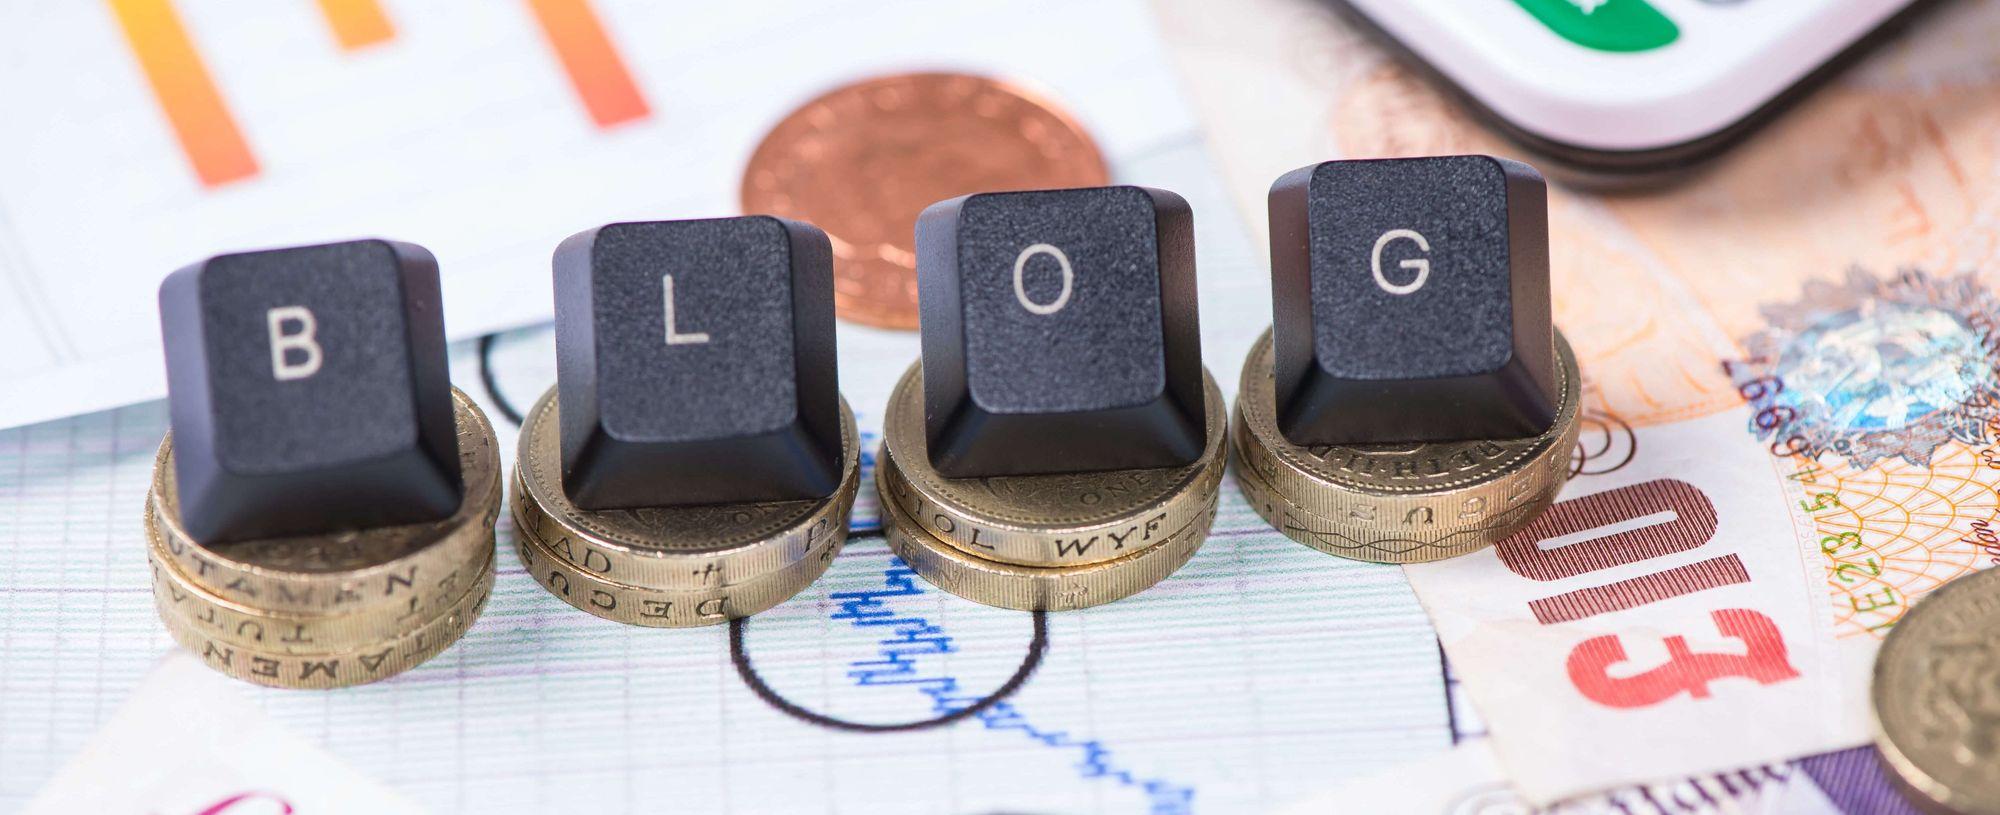 7 Top Peer-to-Peer Finance Blogs